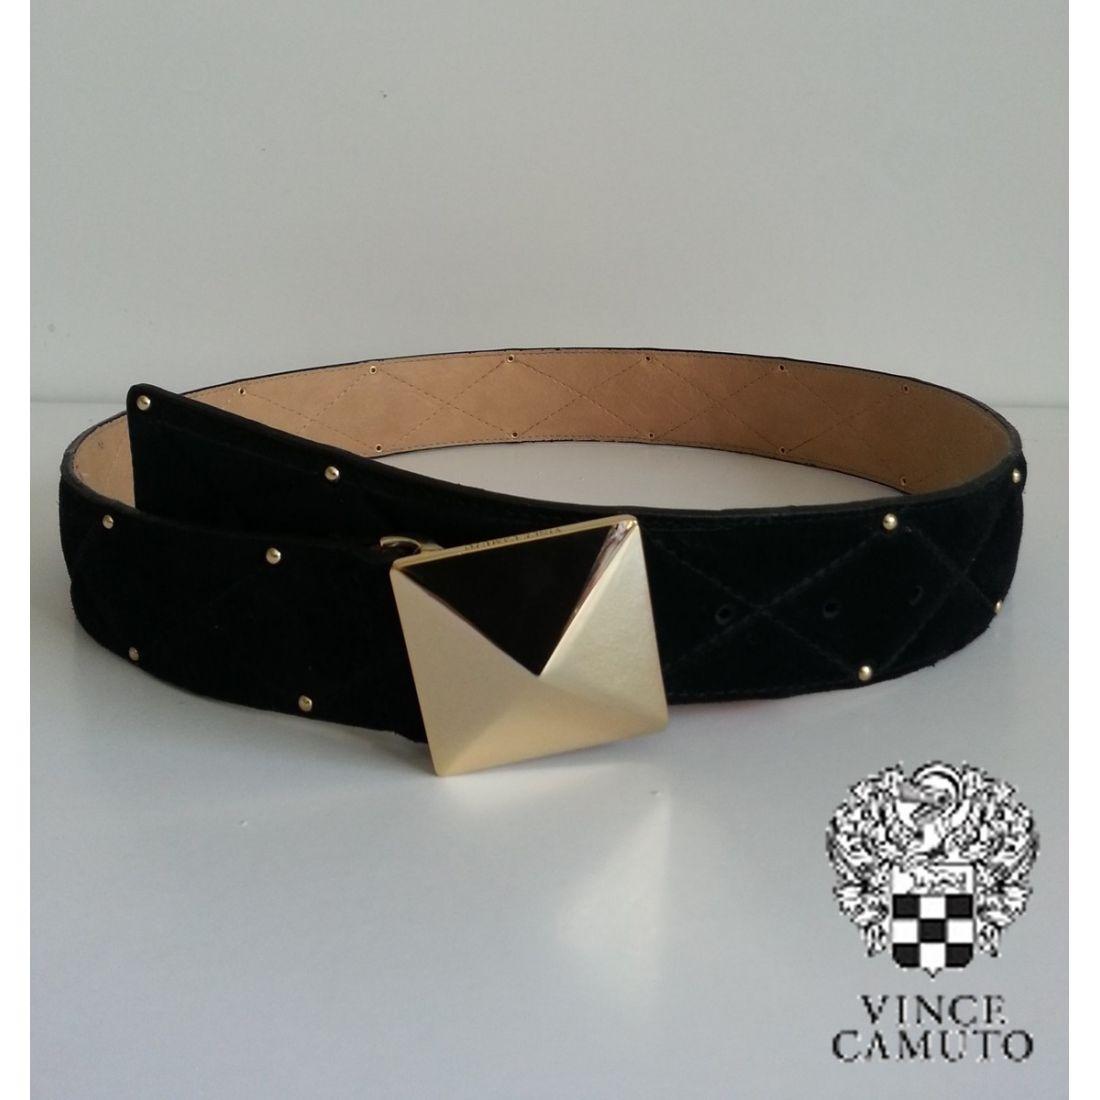 d24c765a497 DoplňkyDoplňkyVINCE CAMUTO dámský kožený pásek černýVince Camutomoda ...